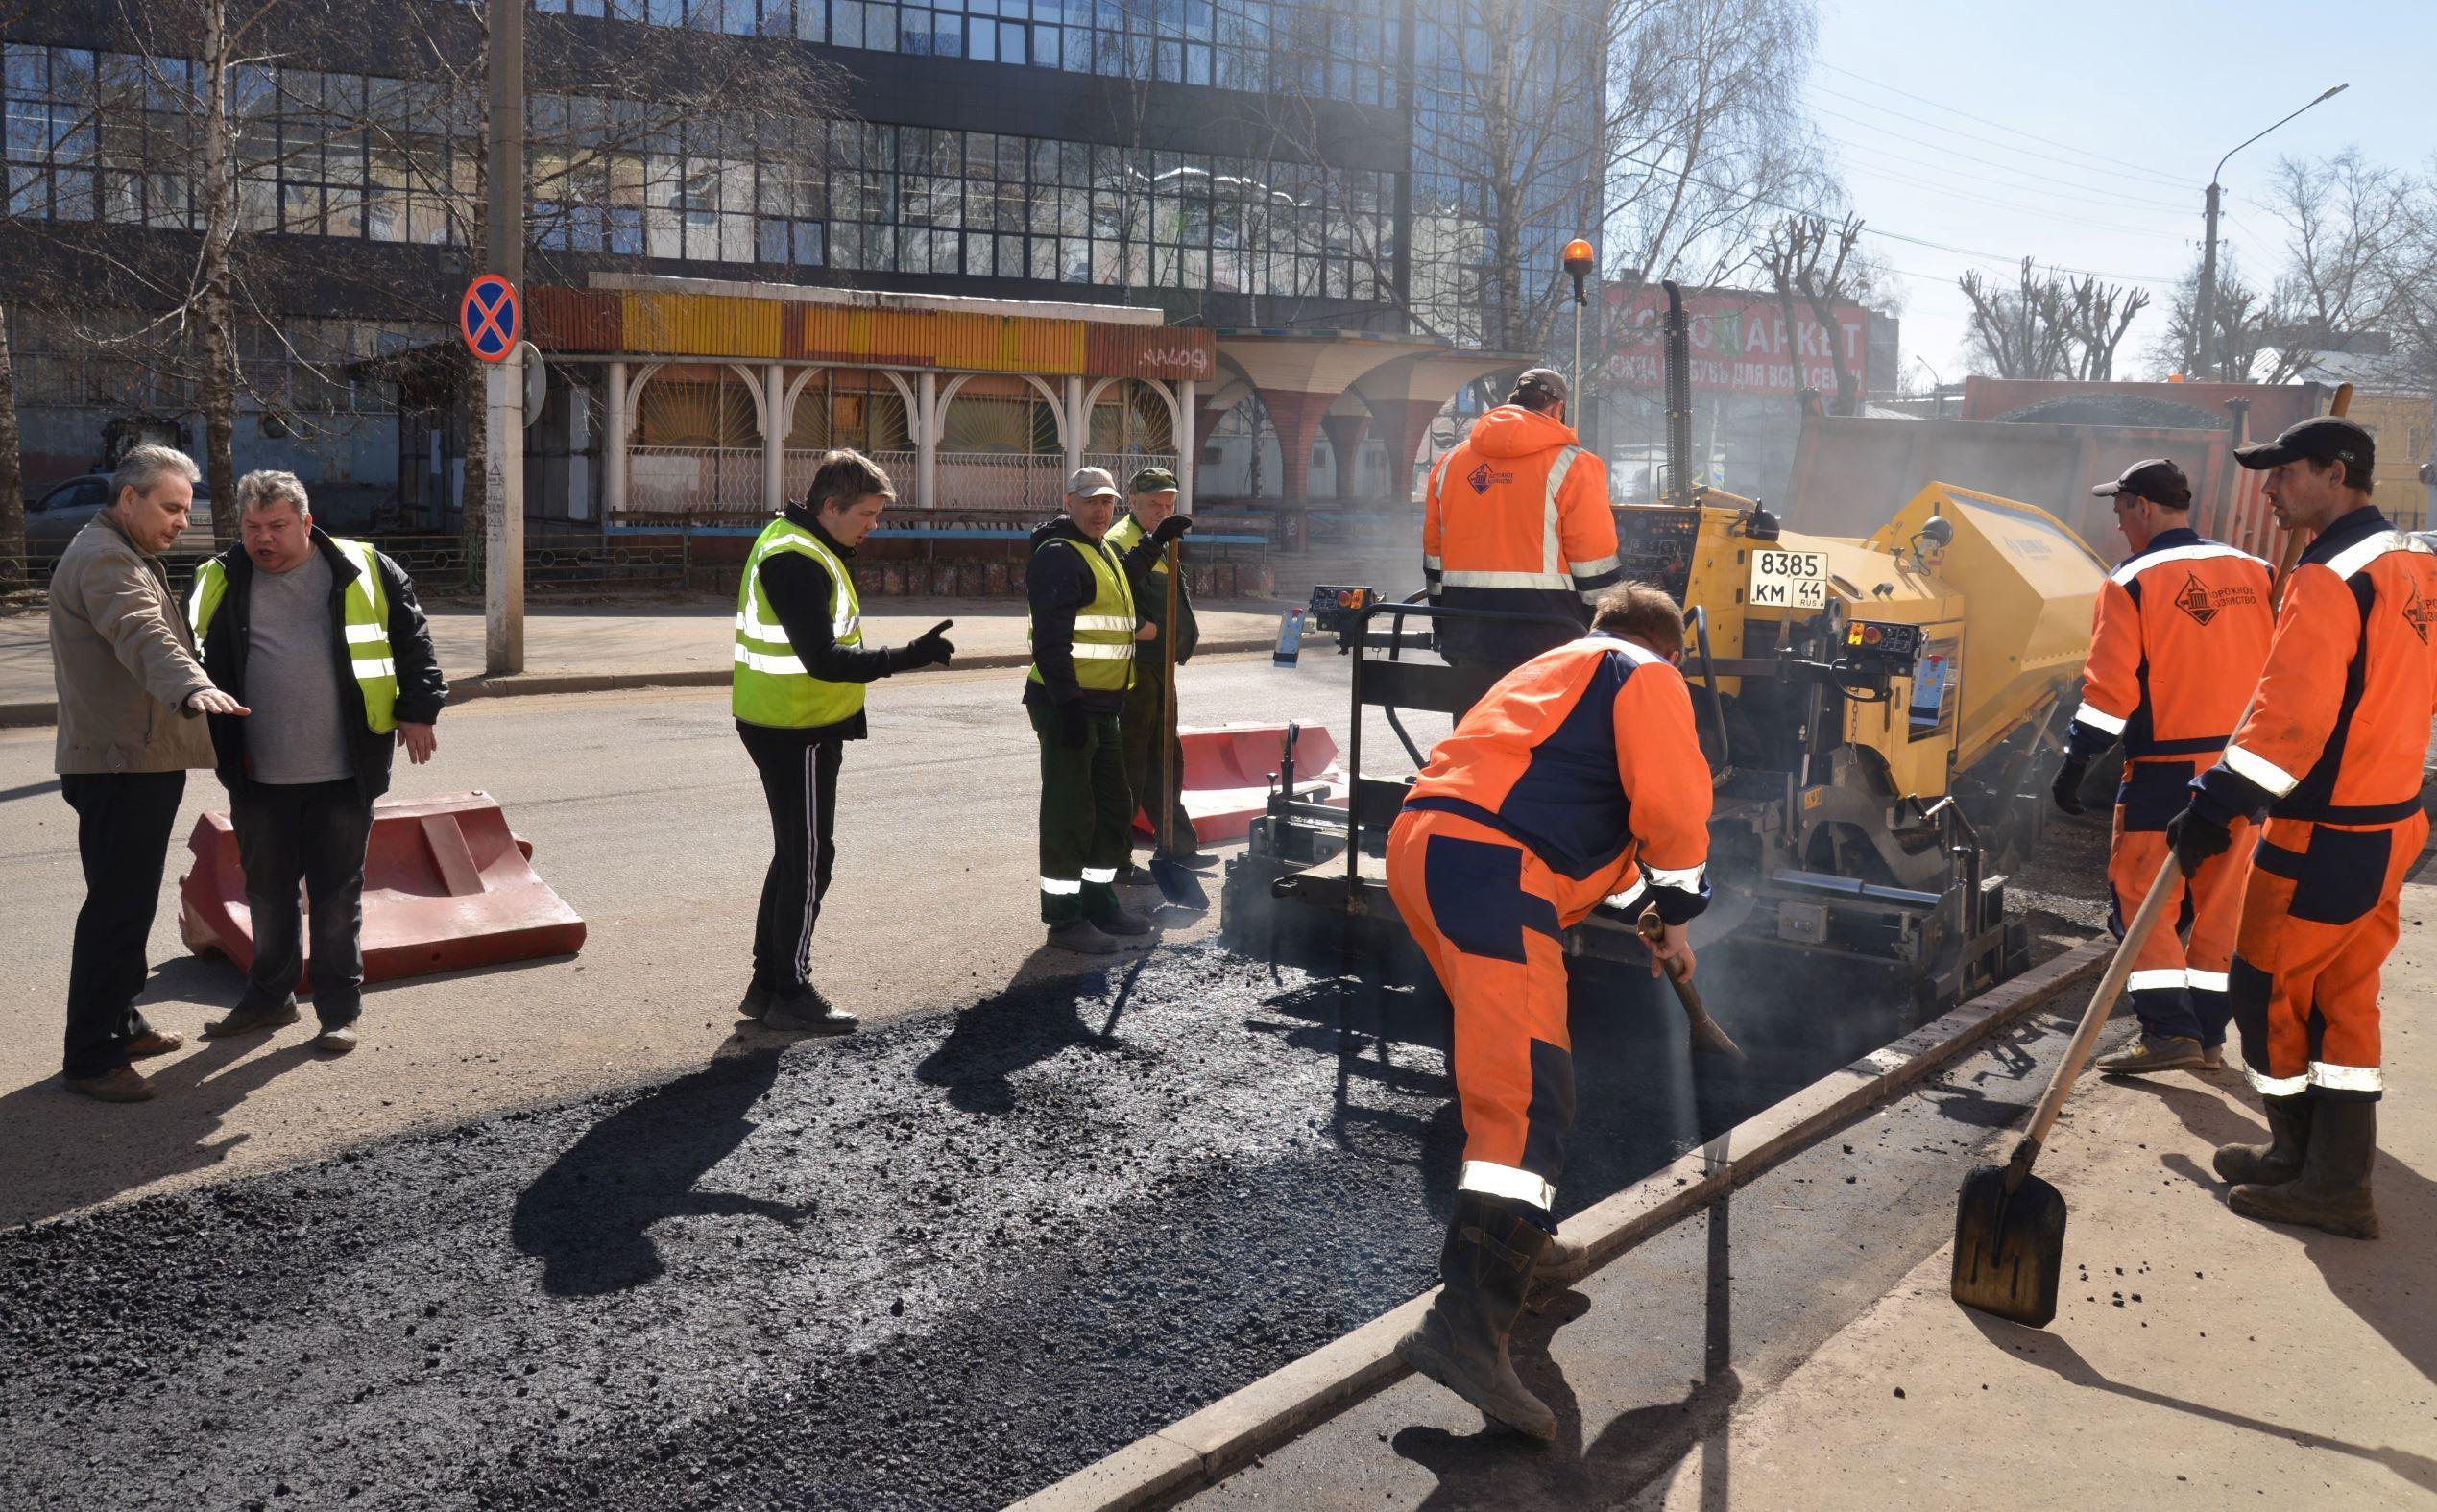 Расширение проезжей части на улице Энгельса позволит увеличить пропускную способность транспорта